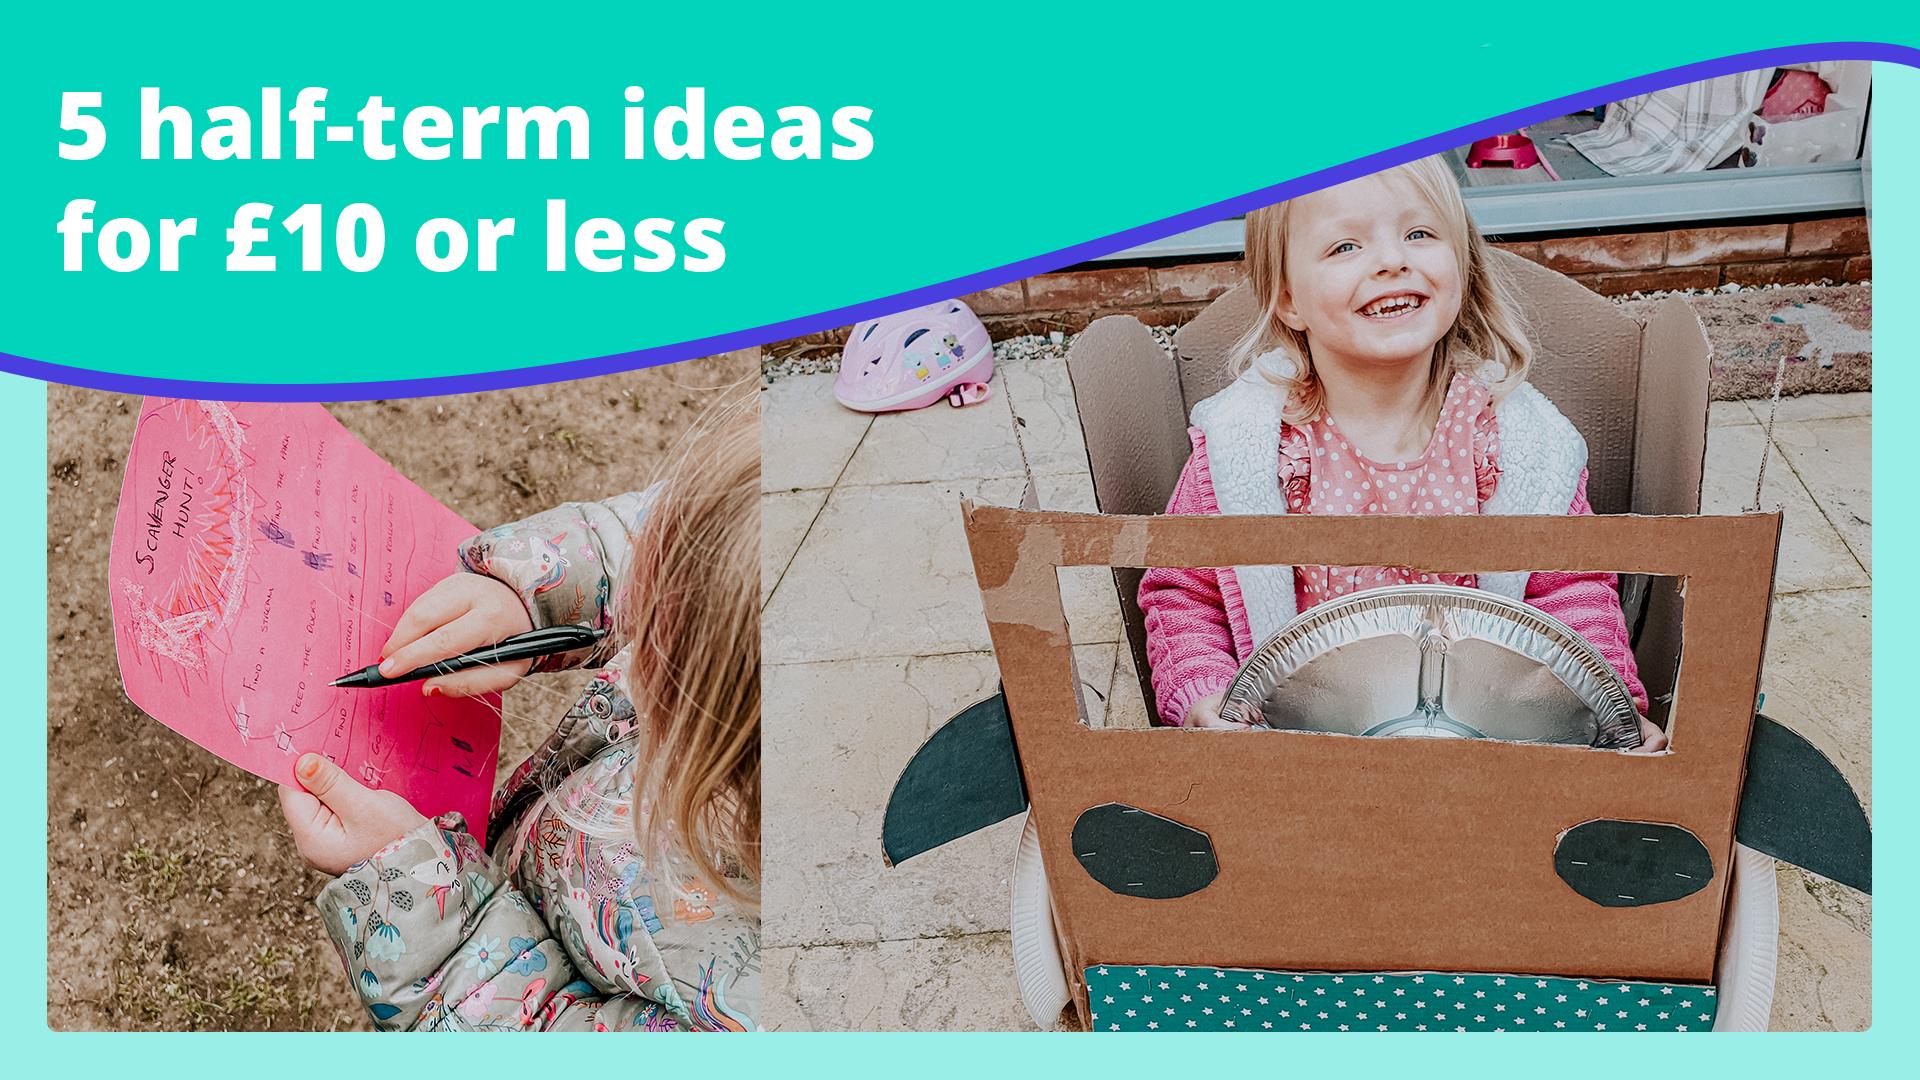 5-half-term-ideas-for-gbp10-or-less